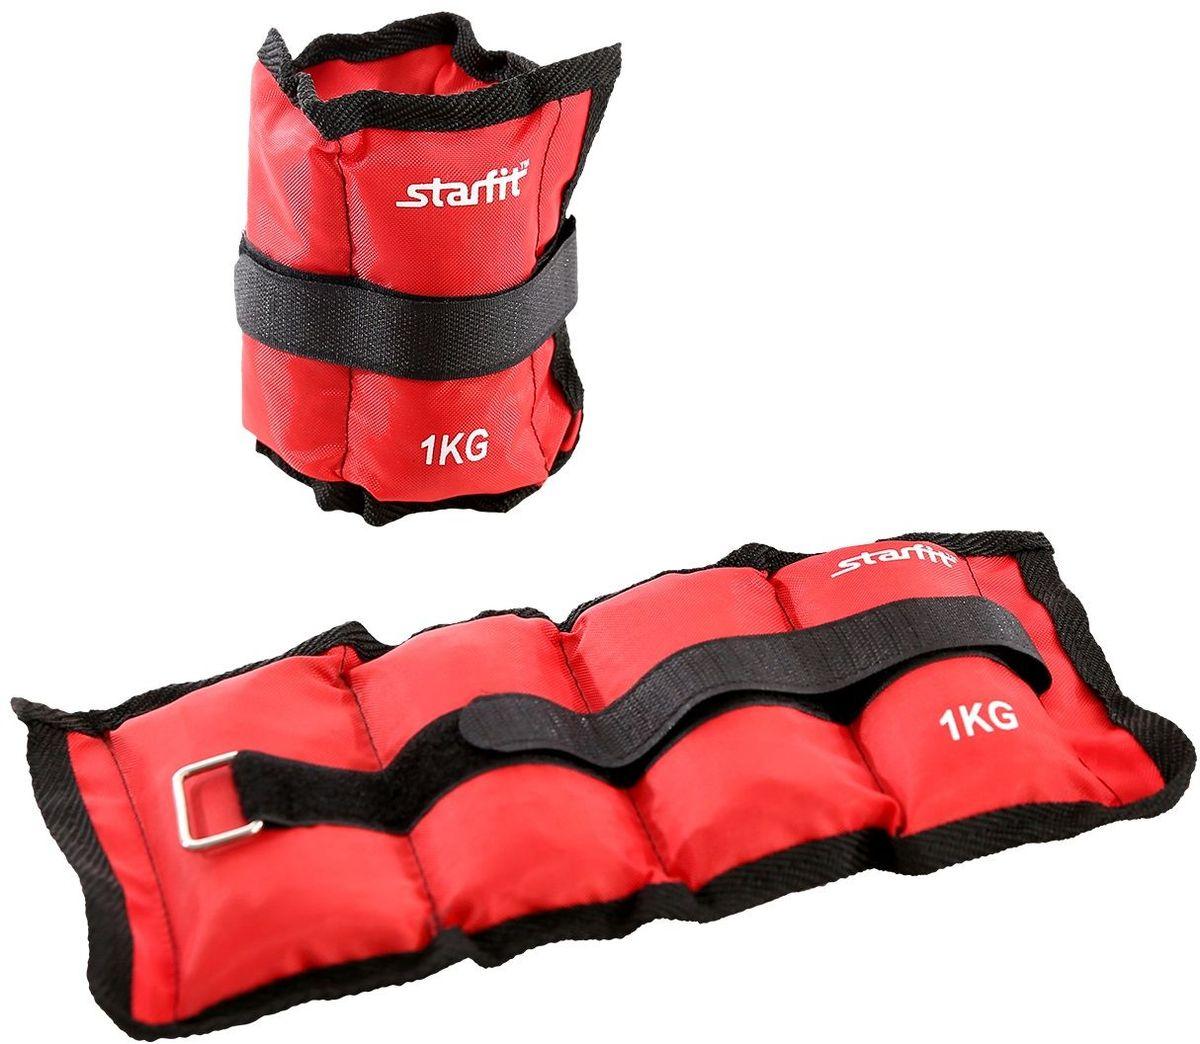 Утяжелители Starfit WT-401, цвет: красный, 1 кг, 2 штУТ-00010046Утяжелители для рук Starfit WT-401 используются в функциональном тренинге как аксессуар для отягощения рук и ног. Возможна фиксация как на руках, так и на ногах, размер регулируется с помощью велкро-липучки.Практичный тканевый материал оксфорд не покрывается затяжками после многократного использования липучек. Наполнитель – железная стружка. В комплекте стильная и практичная сумка с утяжками для удобного хранения, она продлит срок службы изделия. Тренировка с утяжелителями укрепляет сердечно-сосудистую систему, помогает привести мышцы в тонус, развивает выносливость, силу, взрывную скорость. Улучшается общее состояние организма. Дополнительная нагрузка способствует сжиганию большего количества калорий, позволяя добиться лучшего результата тем, кто хочет похудеть.